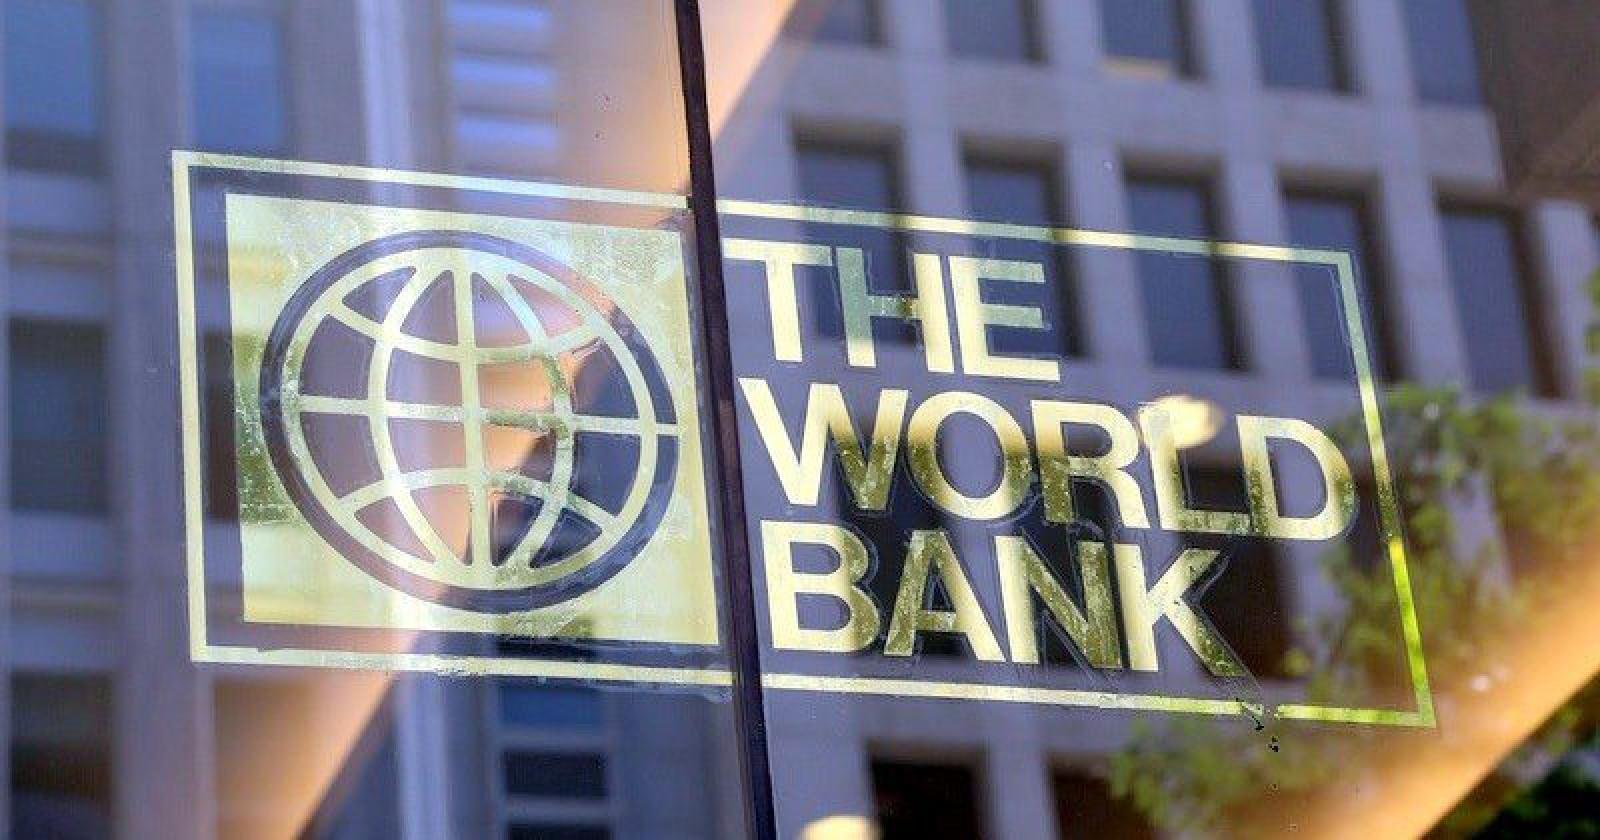 Mold-street: Concluzii dure ale Băncii Mondiale privind creşterea economică din Moldova: De vină este lipsa unor reforme profunde